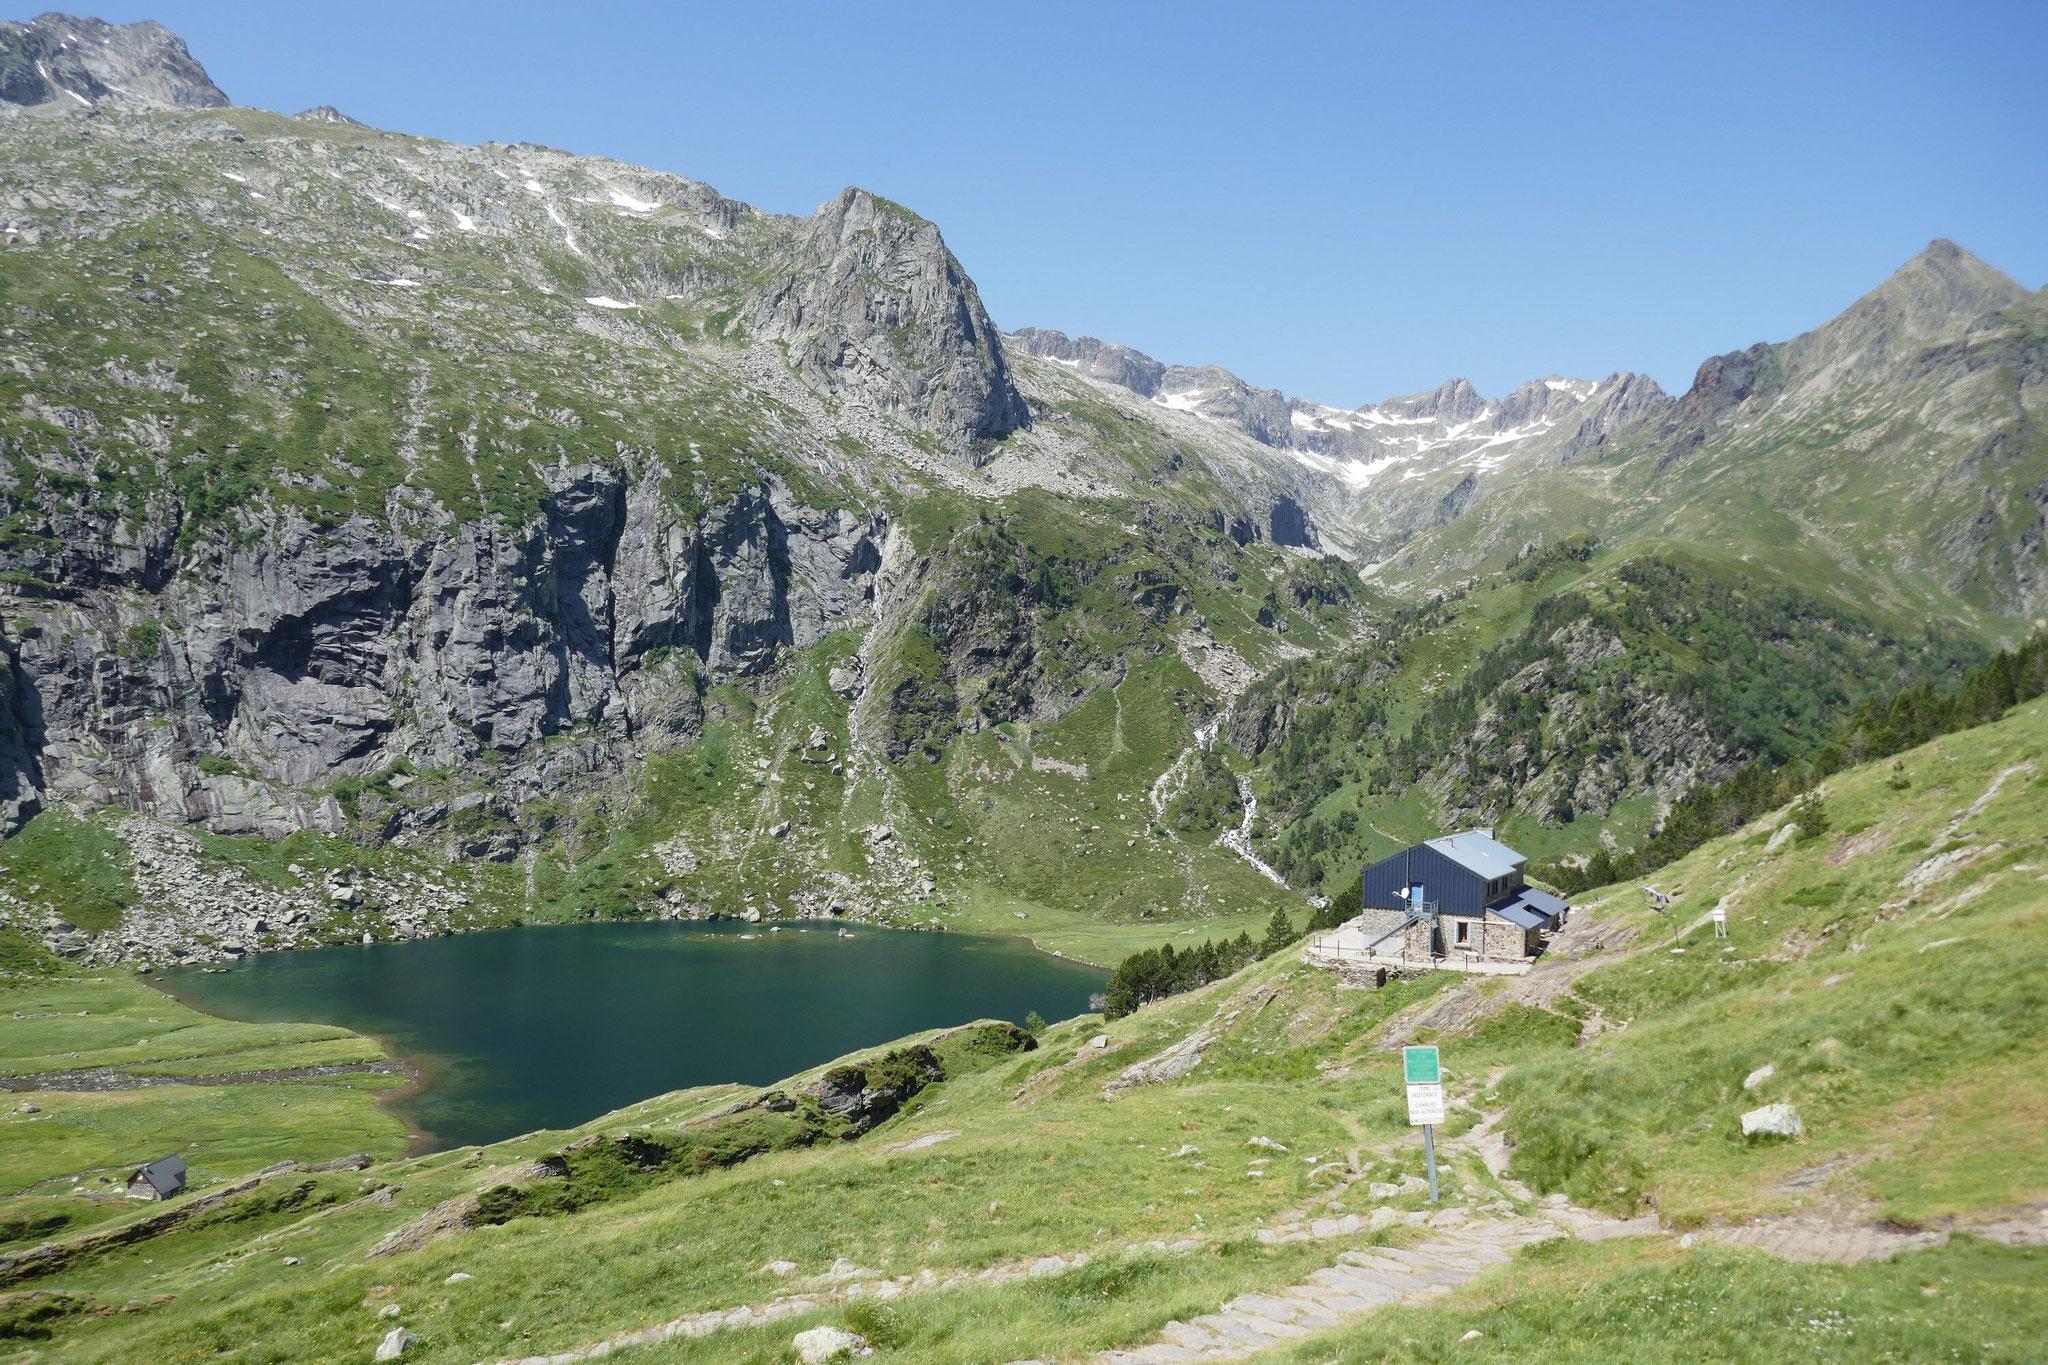 vue sur le lac depuis le haut du col d'Espingo